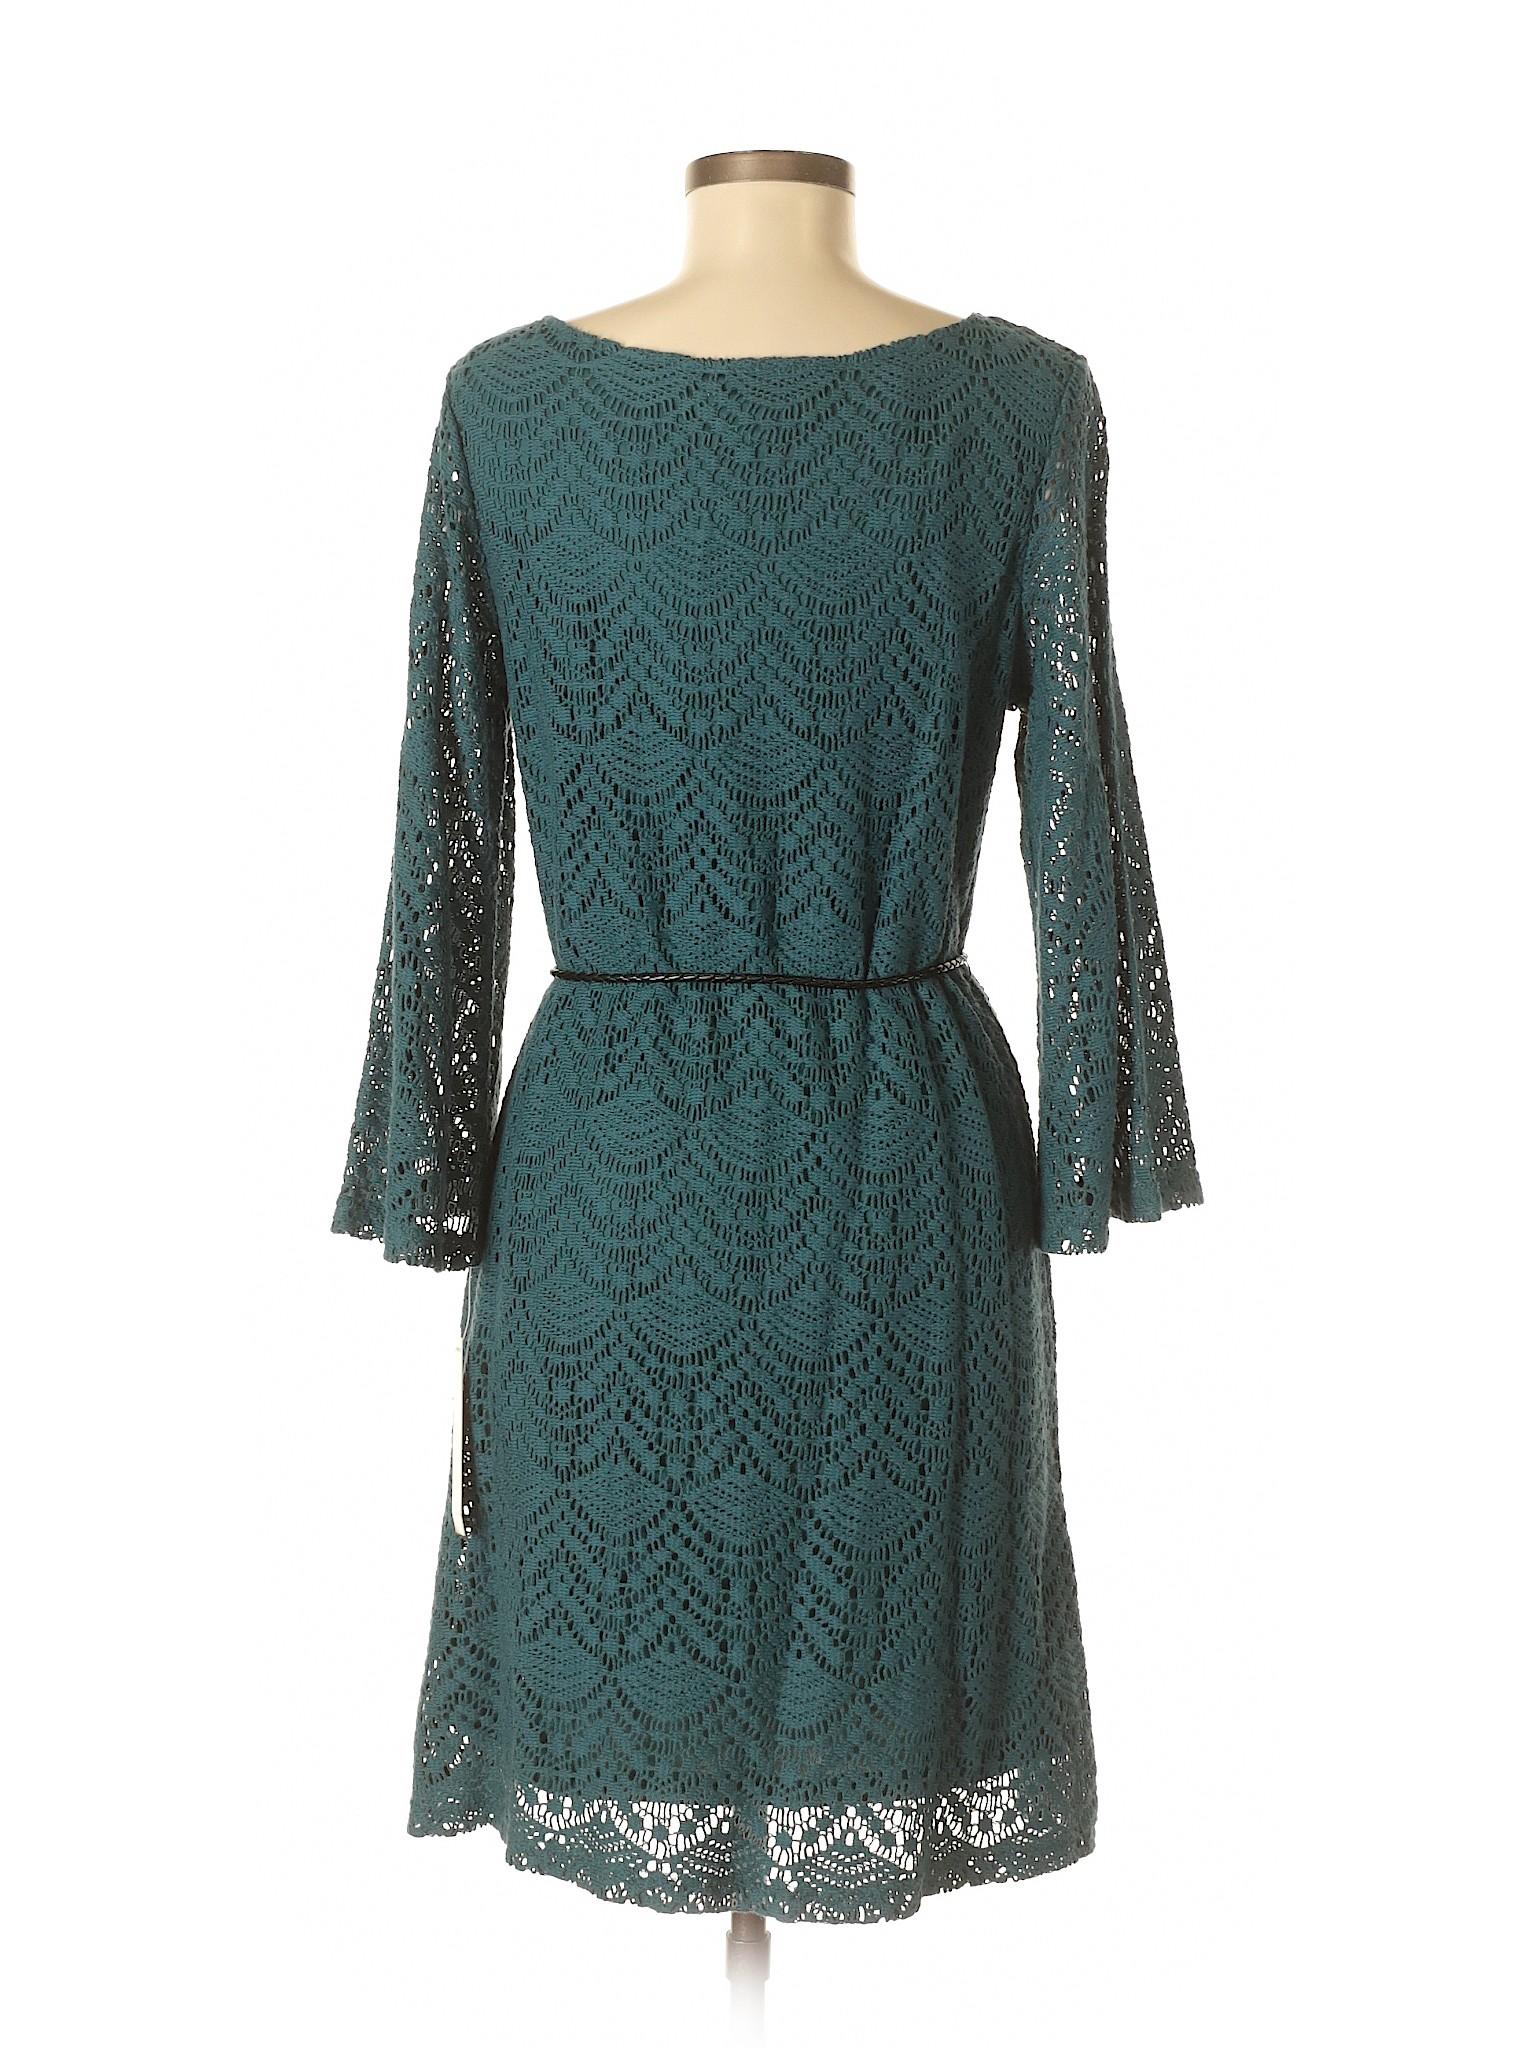 Sharagano Boutique Casual Dress winter Dress Sharagano Boutique Casual Boutique winter winter Dress Casual Sharagano Zp4TZ